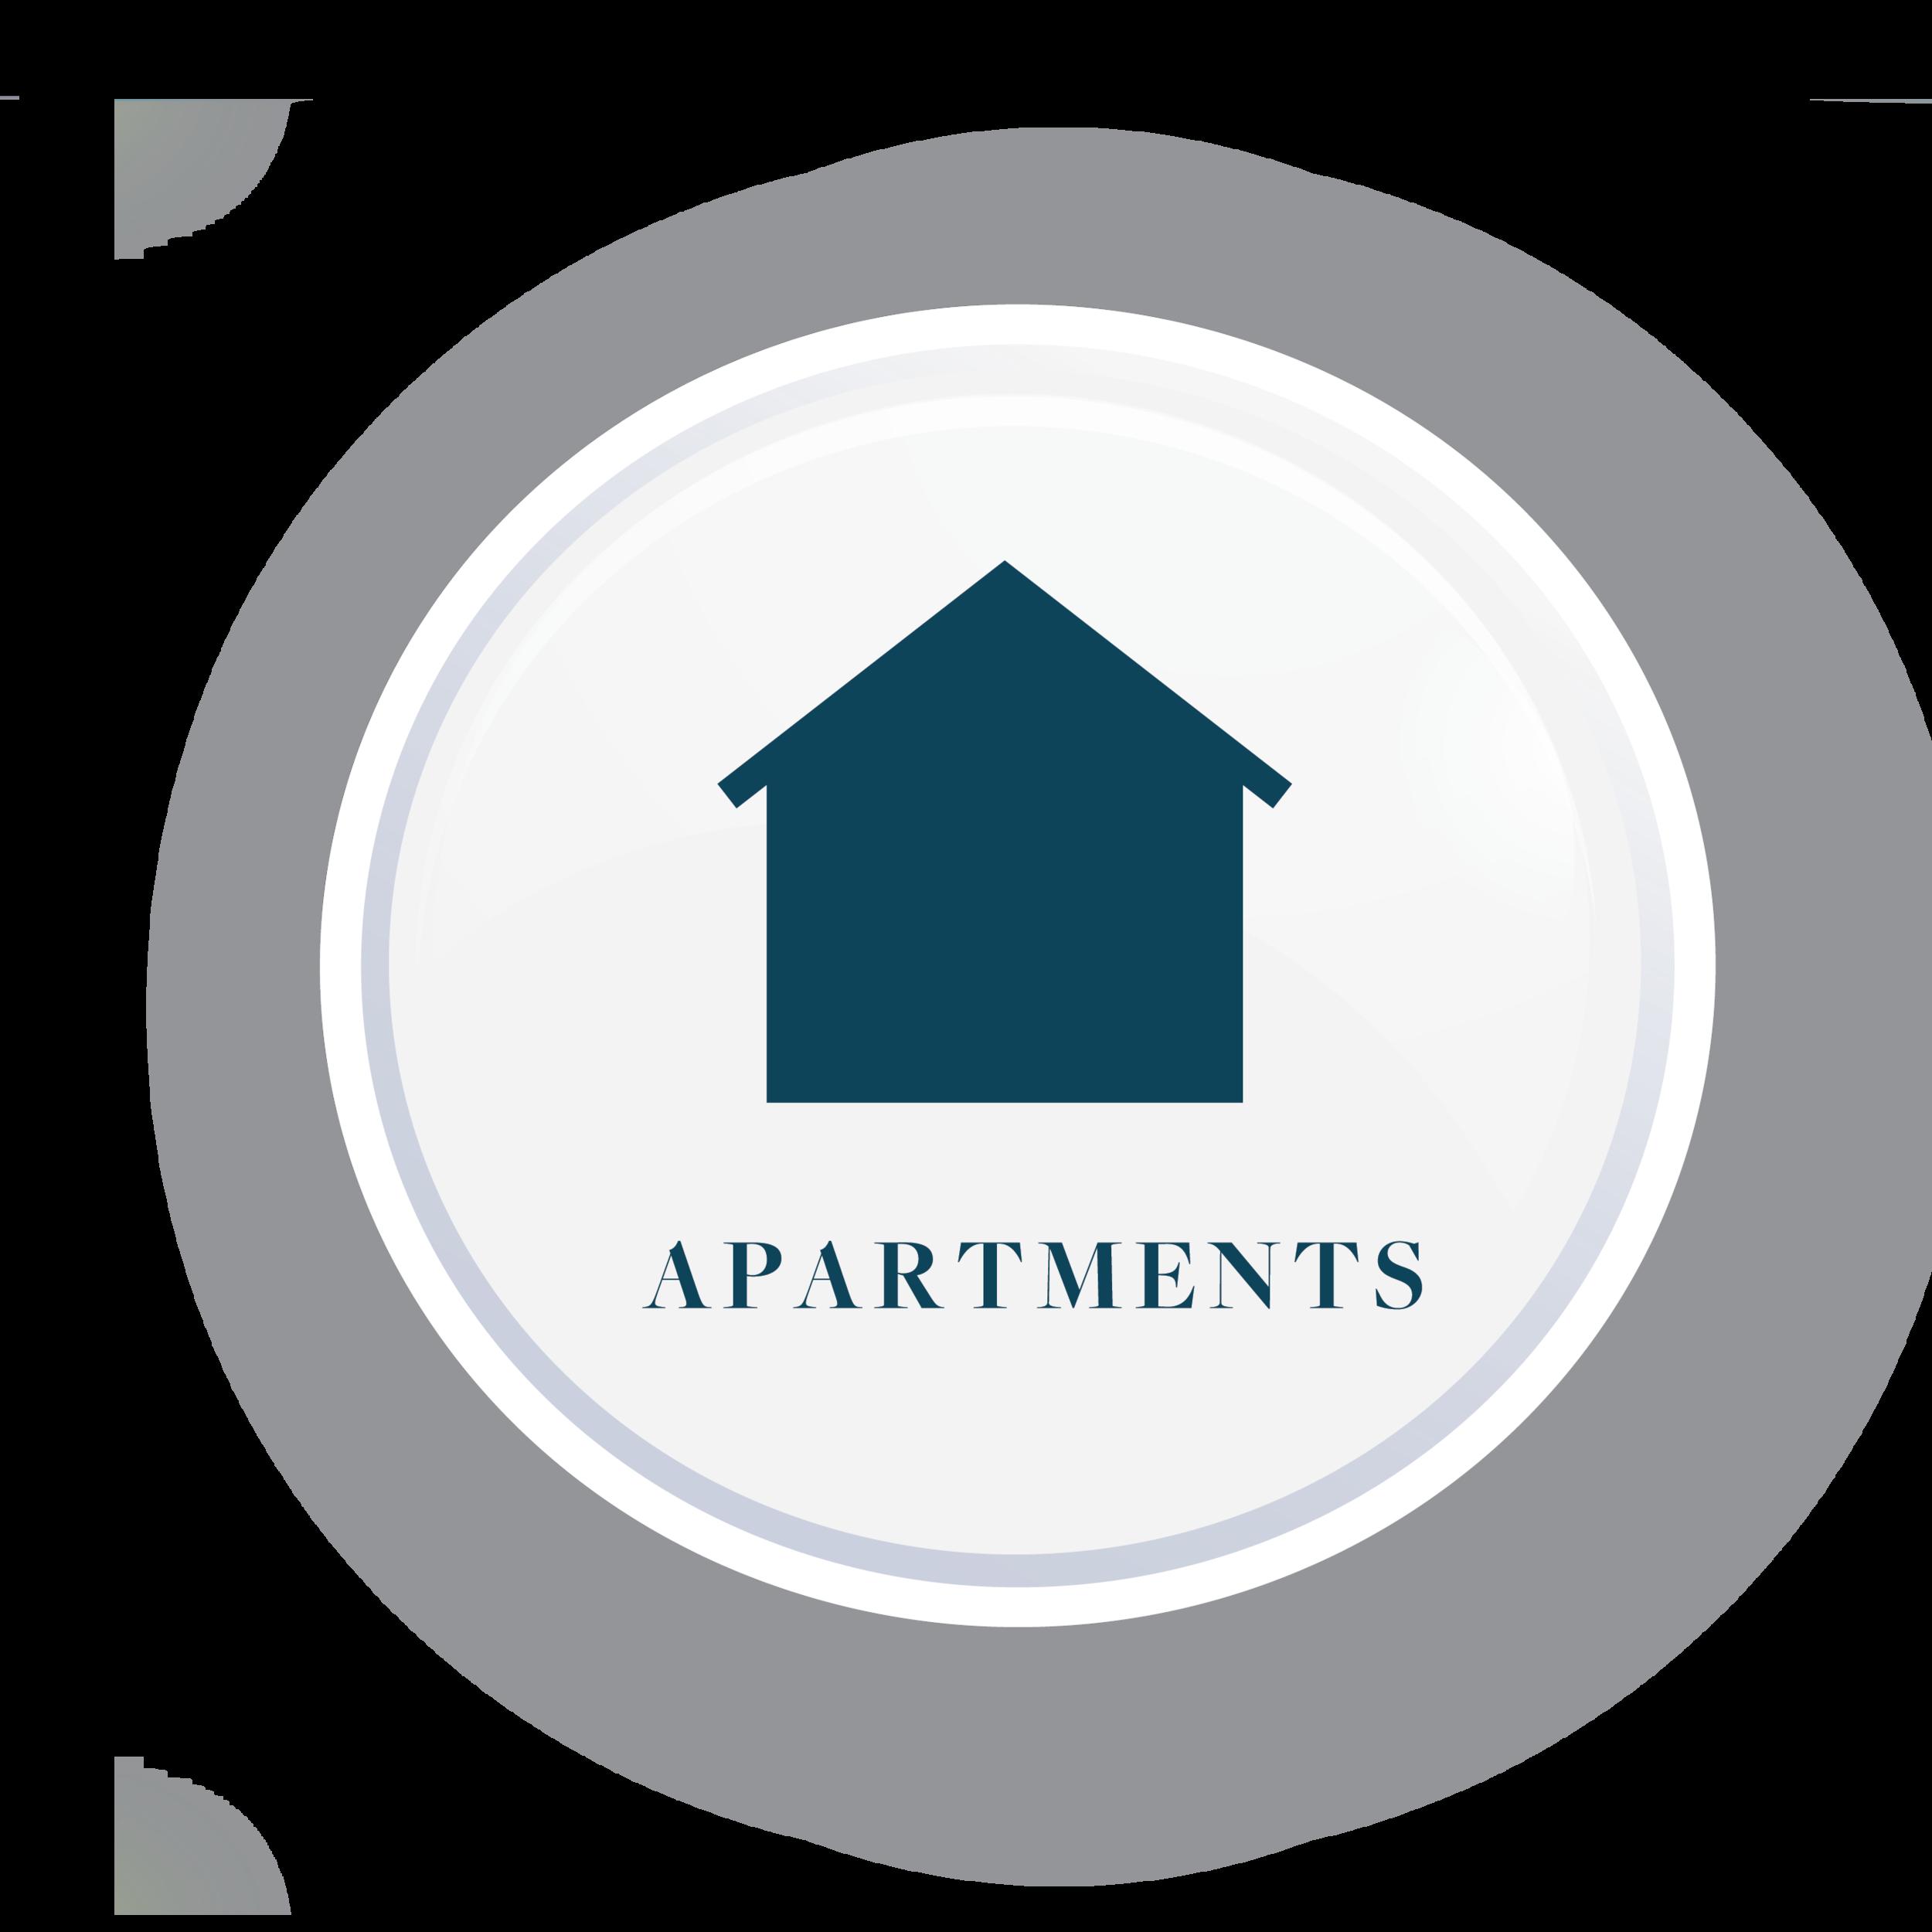 The_Tyrwhitt_Buttons-Apartment.png